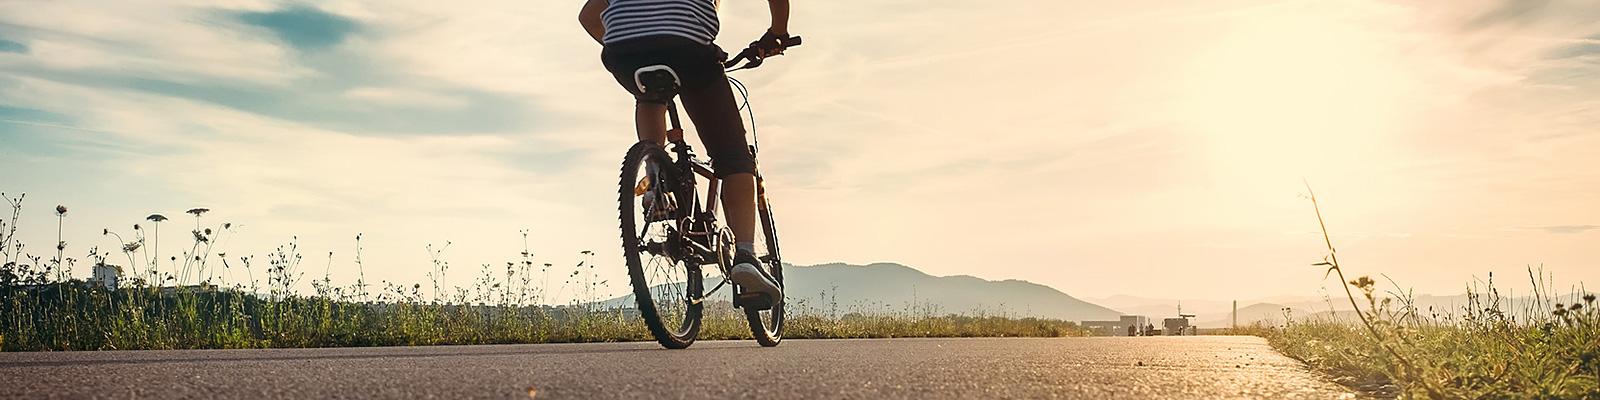 夏 自転車